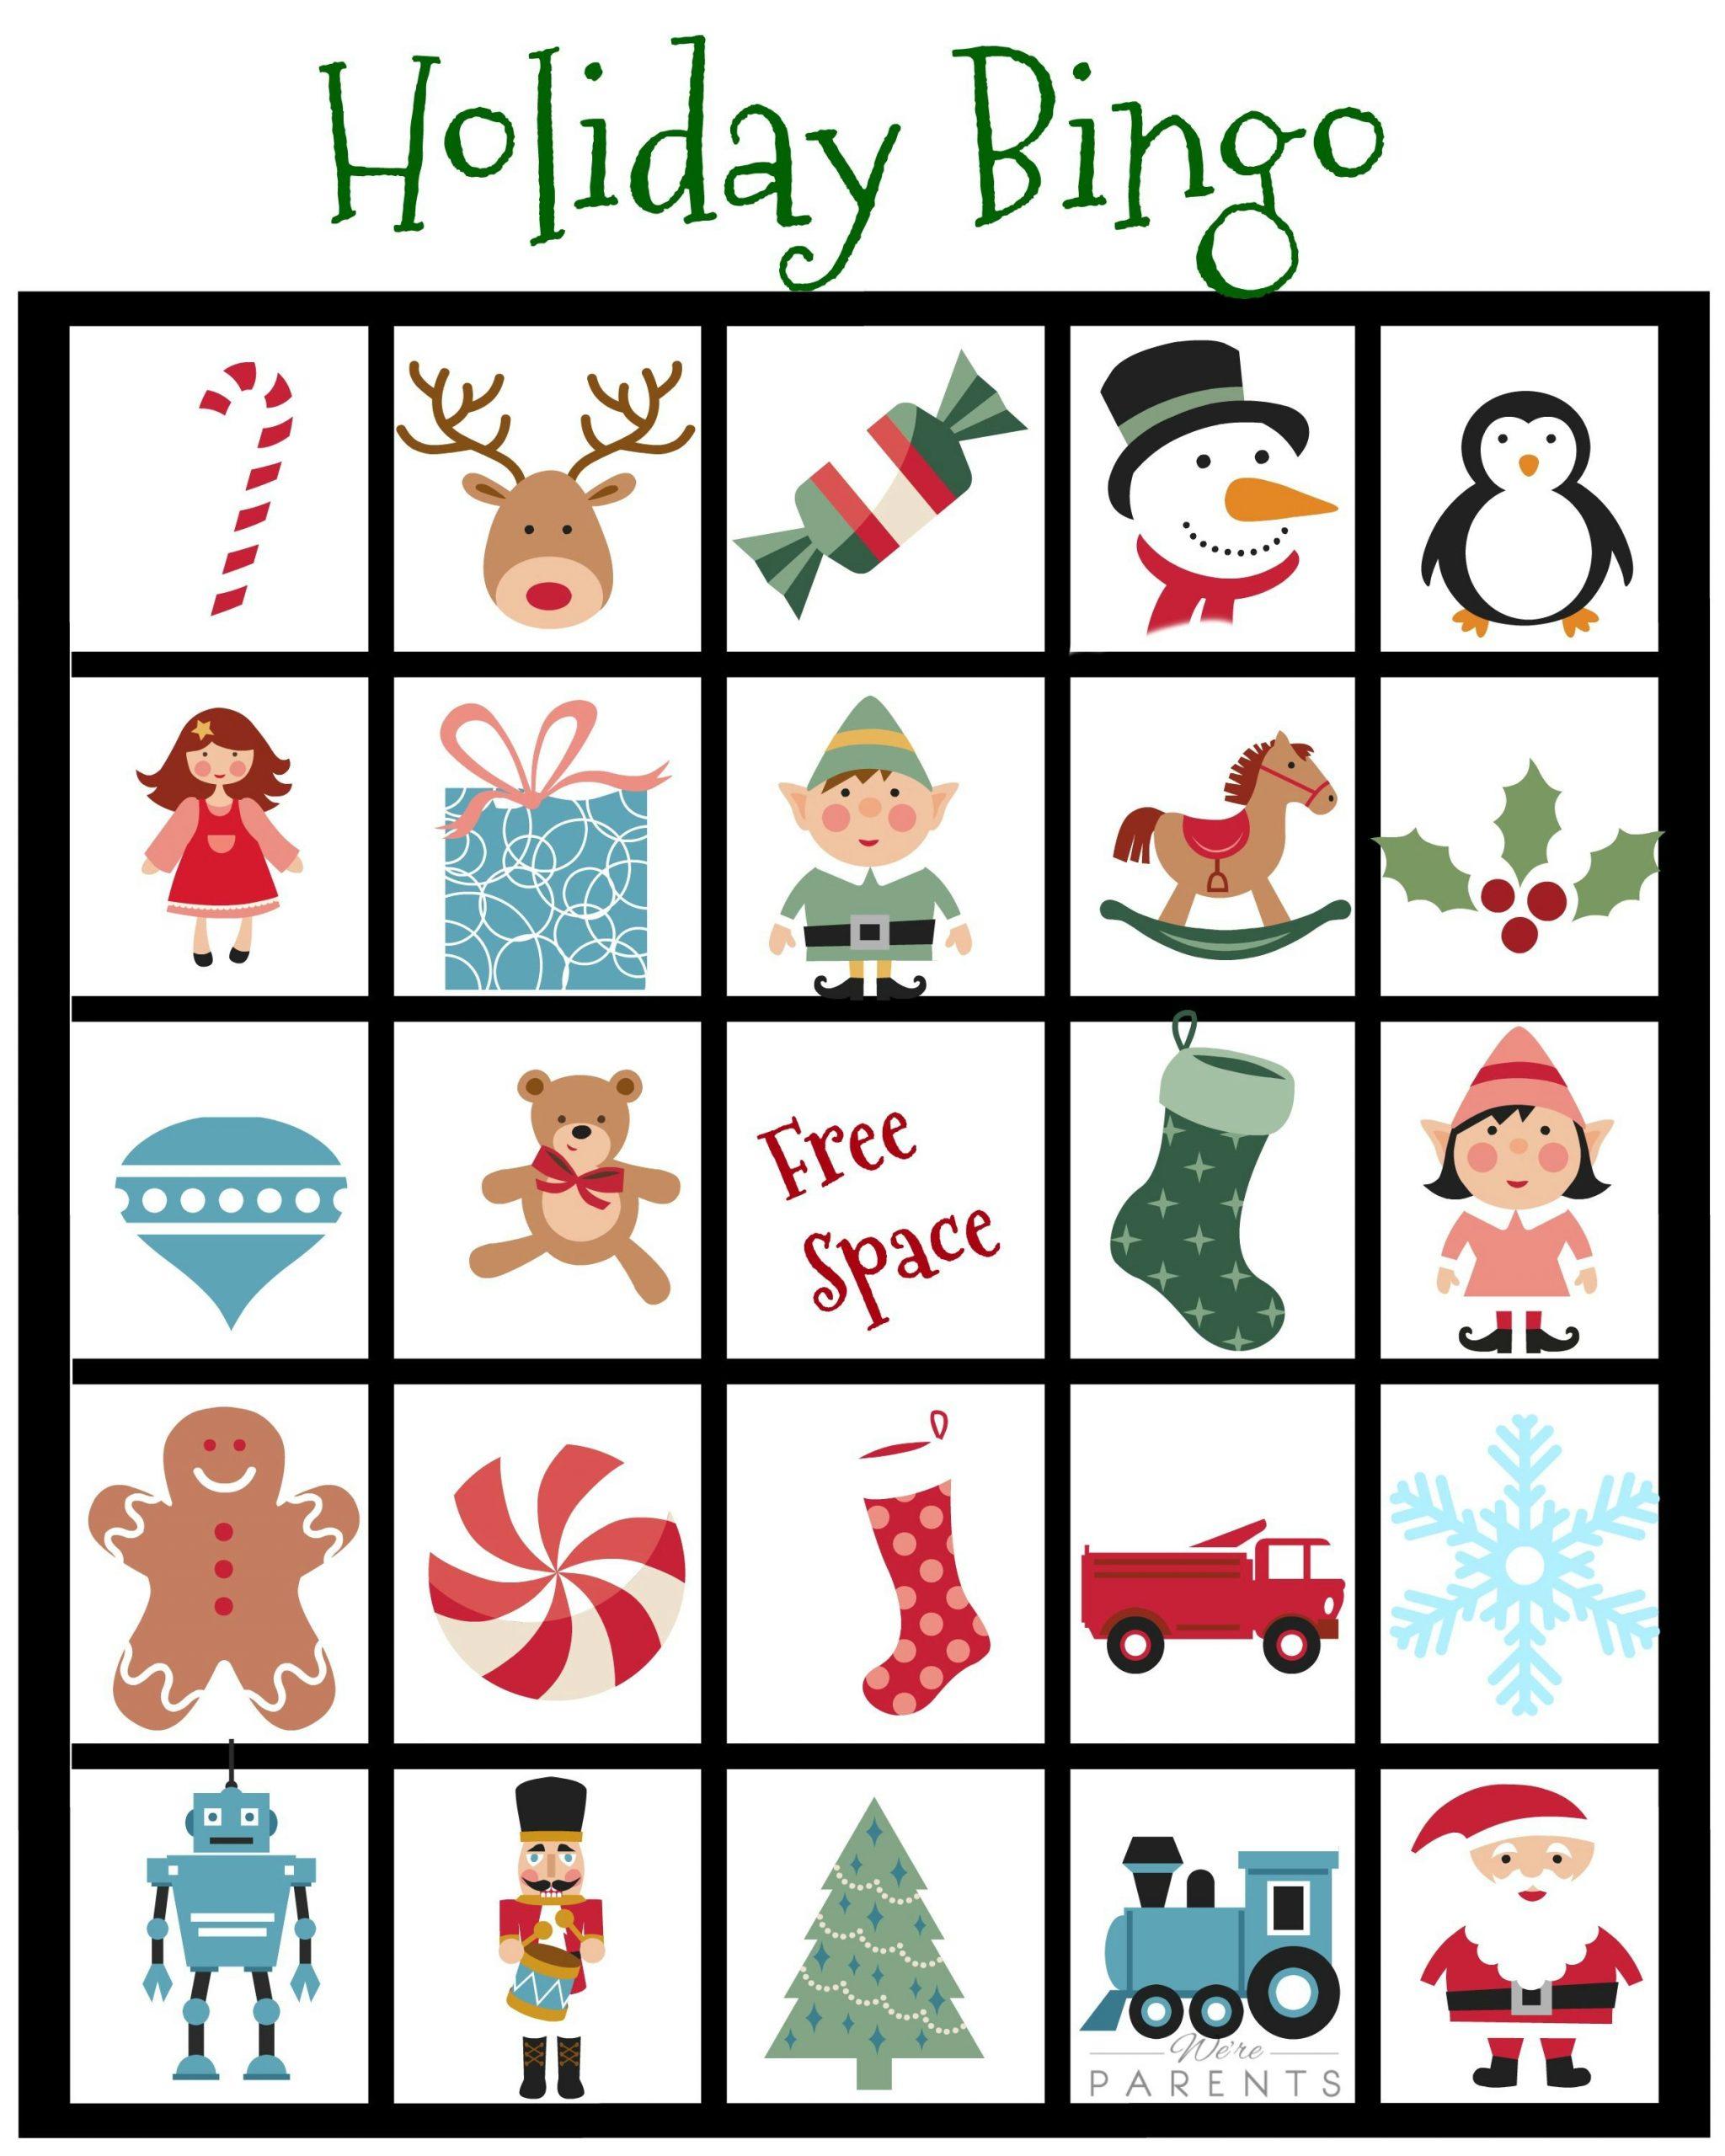 Holiday Bingo Card Printable For Kids   Christmas Bingo